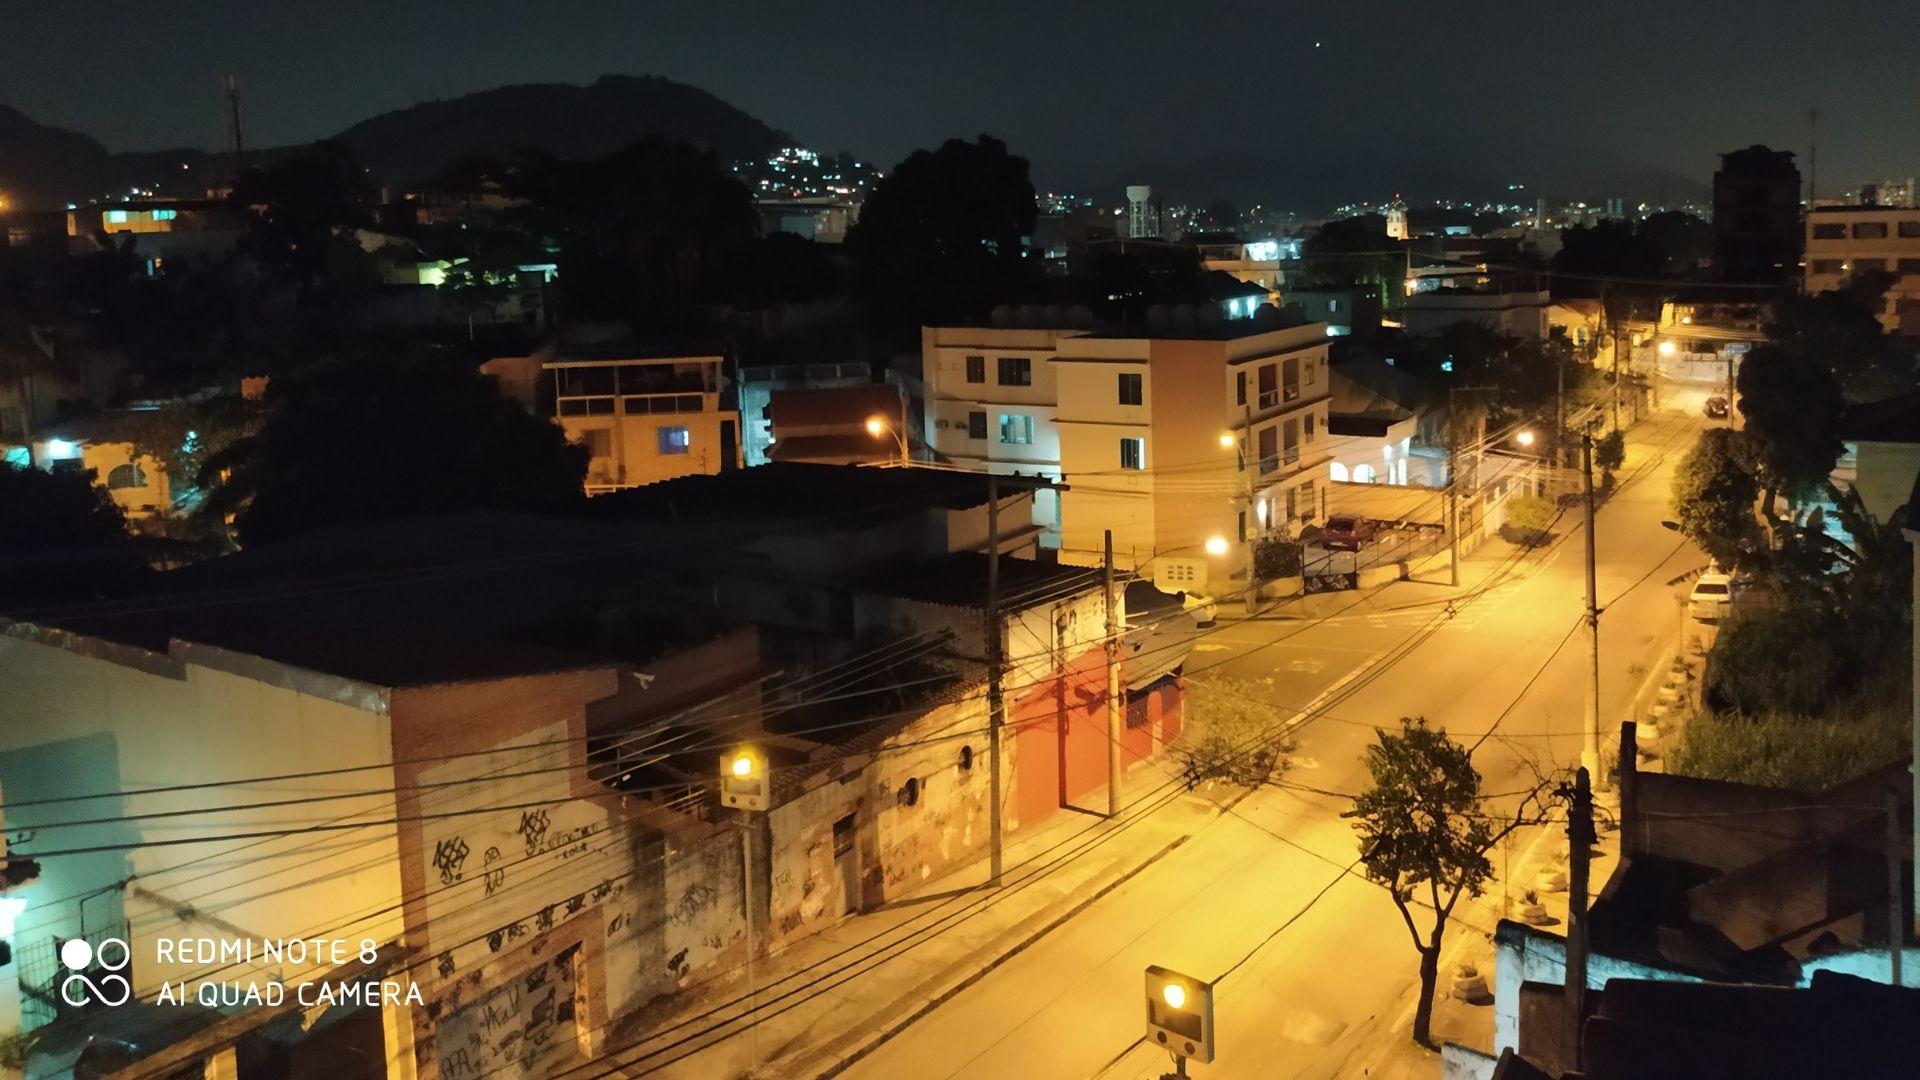 Foto tirada à noite com o Redmi Note 8 (Foto: Aline Batista/Zoom)